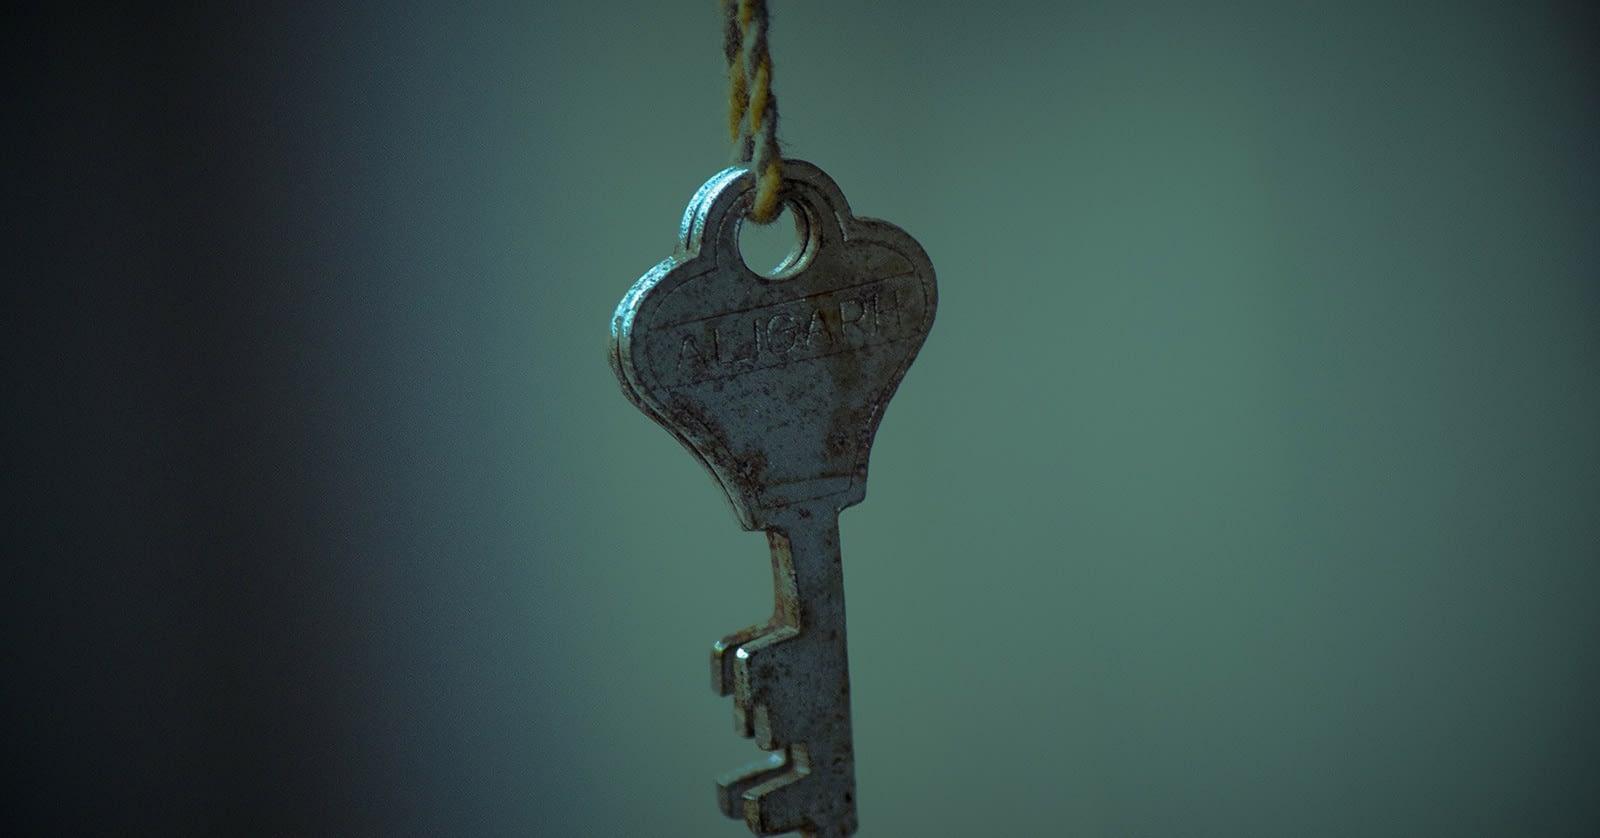 Unsere kraftvollen Gefühle sind der Schlüssel